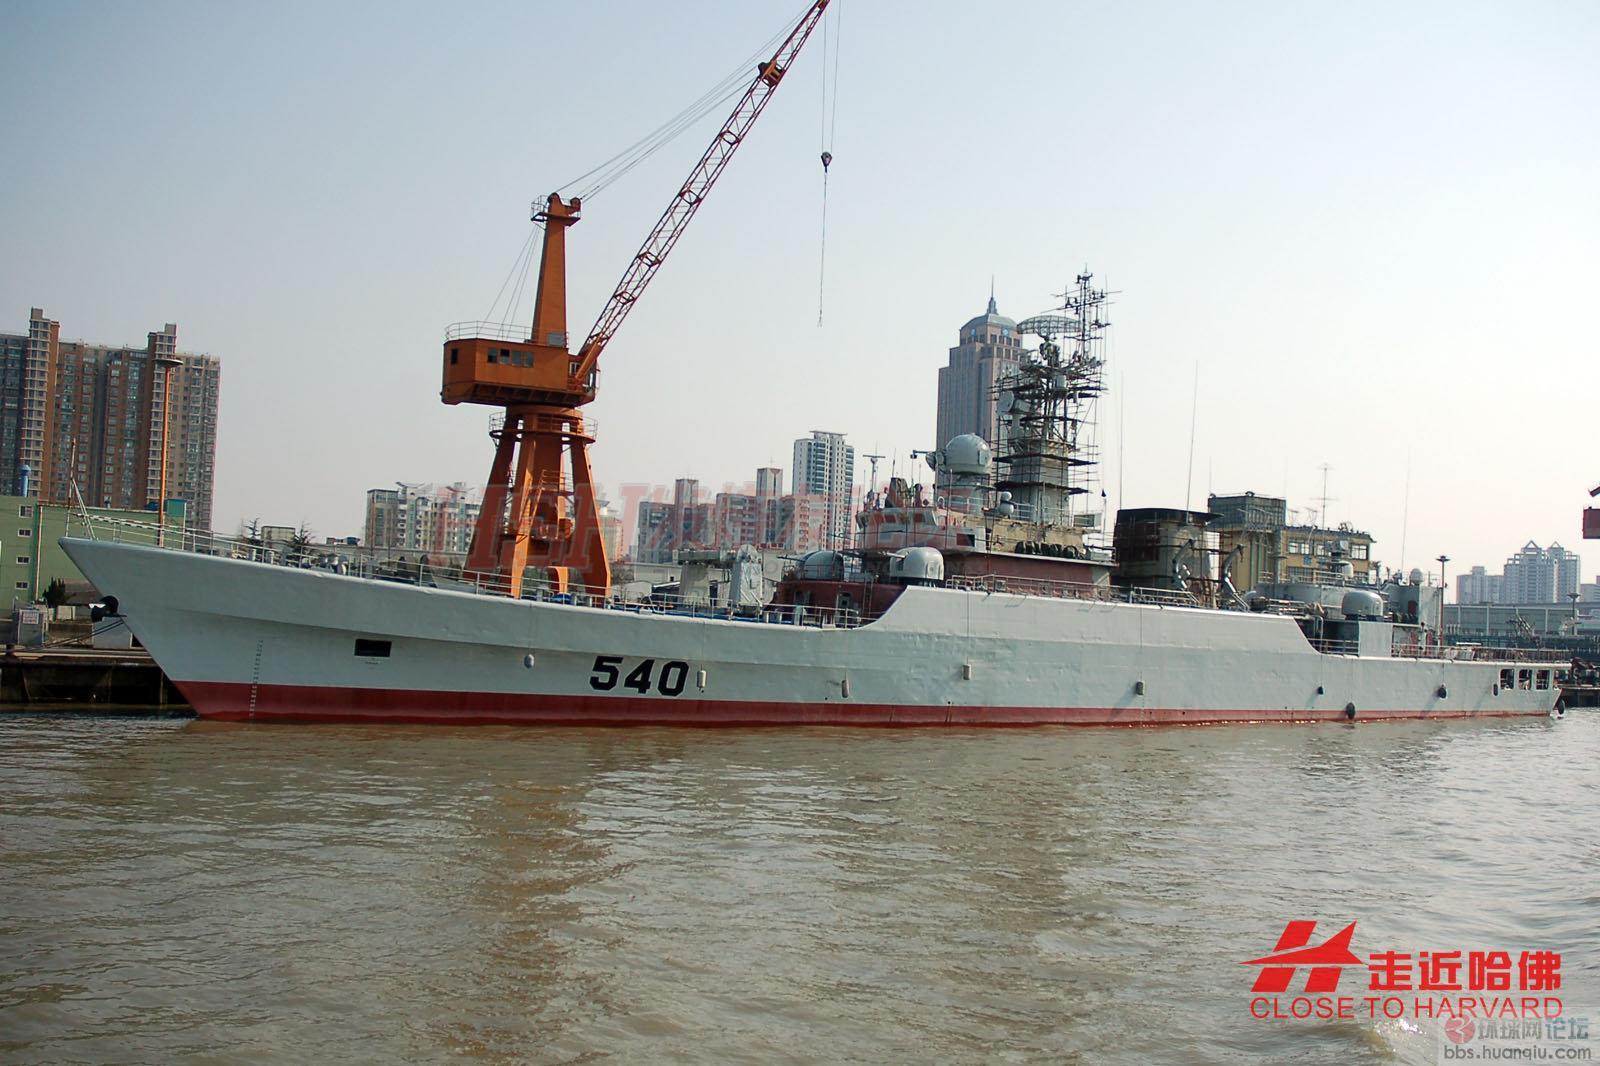 烟花三月下江南:观赏江边的那些新锐战舰